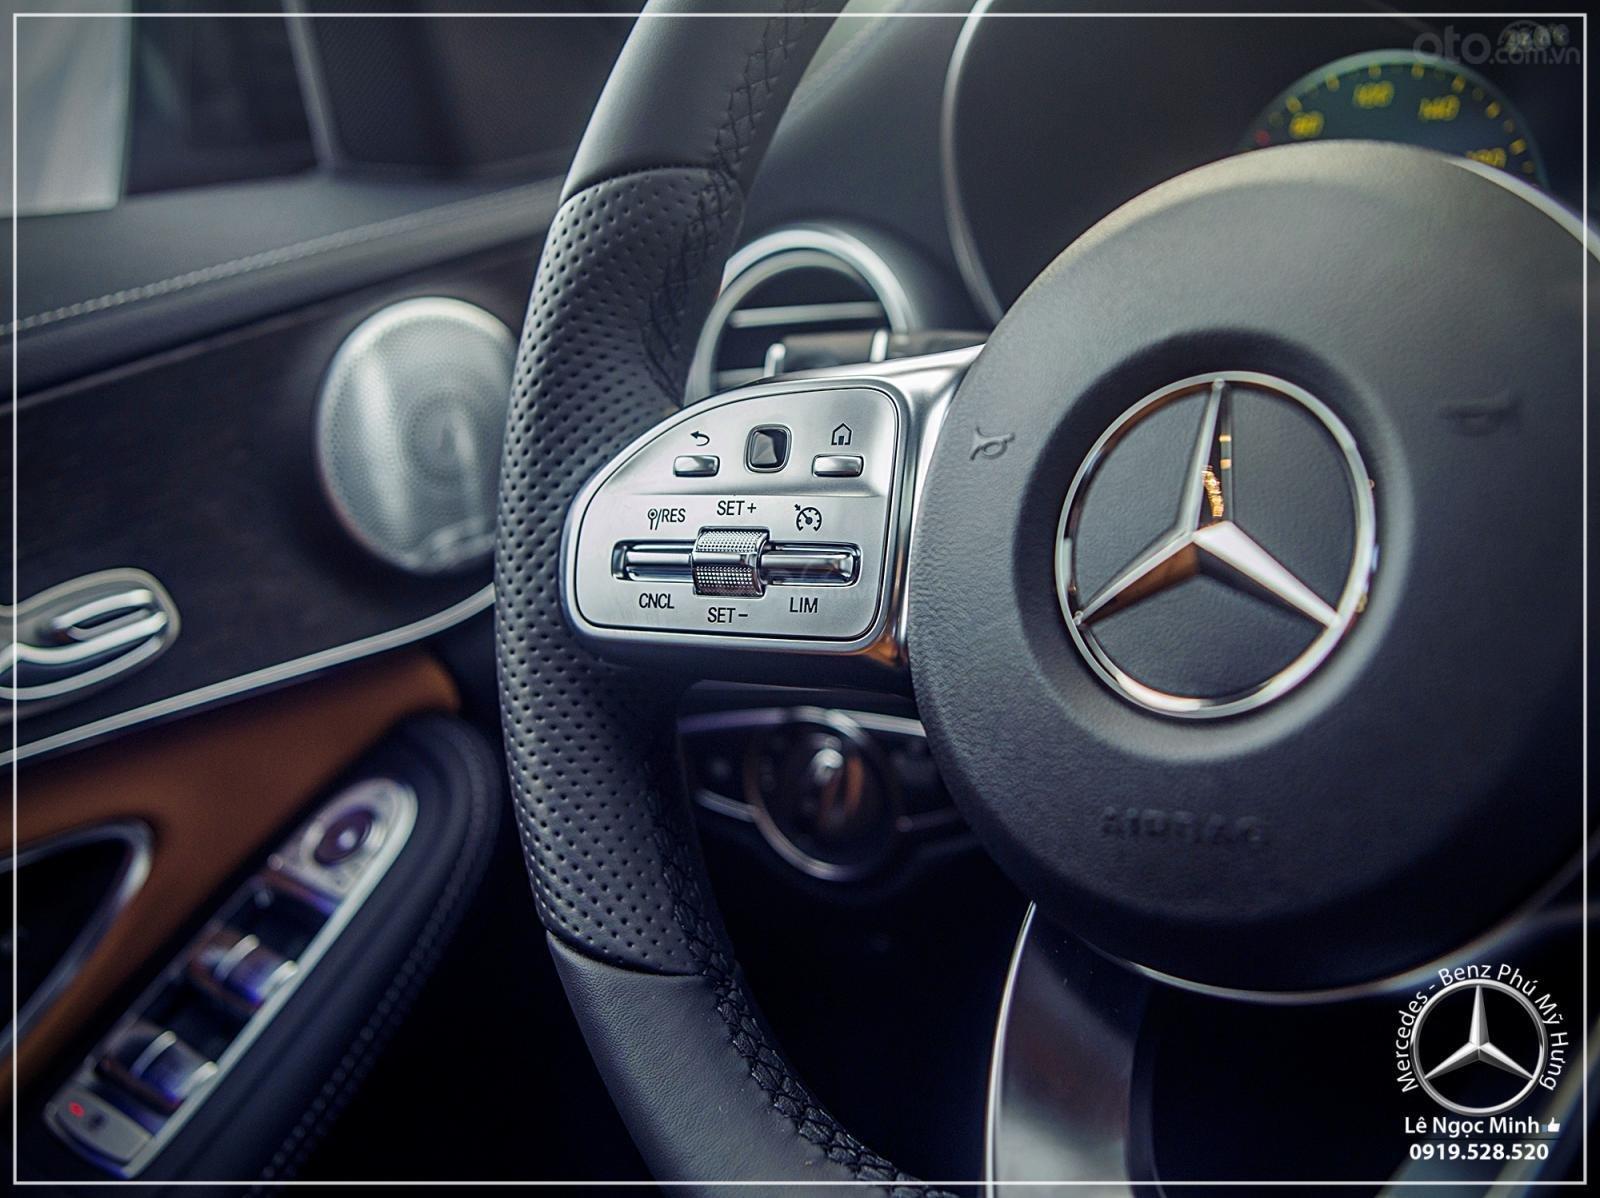 Mercedes-Benz C300 AMG New Model - Ưu đãi đặc biệt trong tháng - Hỗ trợ Bank 80% - LH: 0919 528 520-10